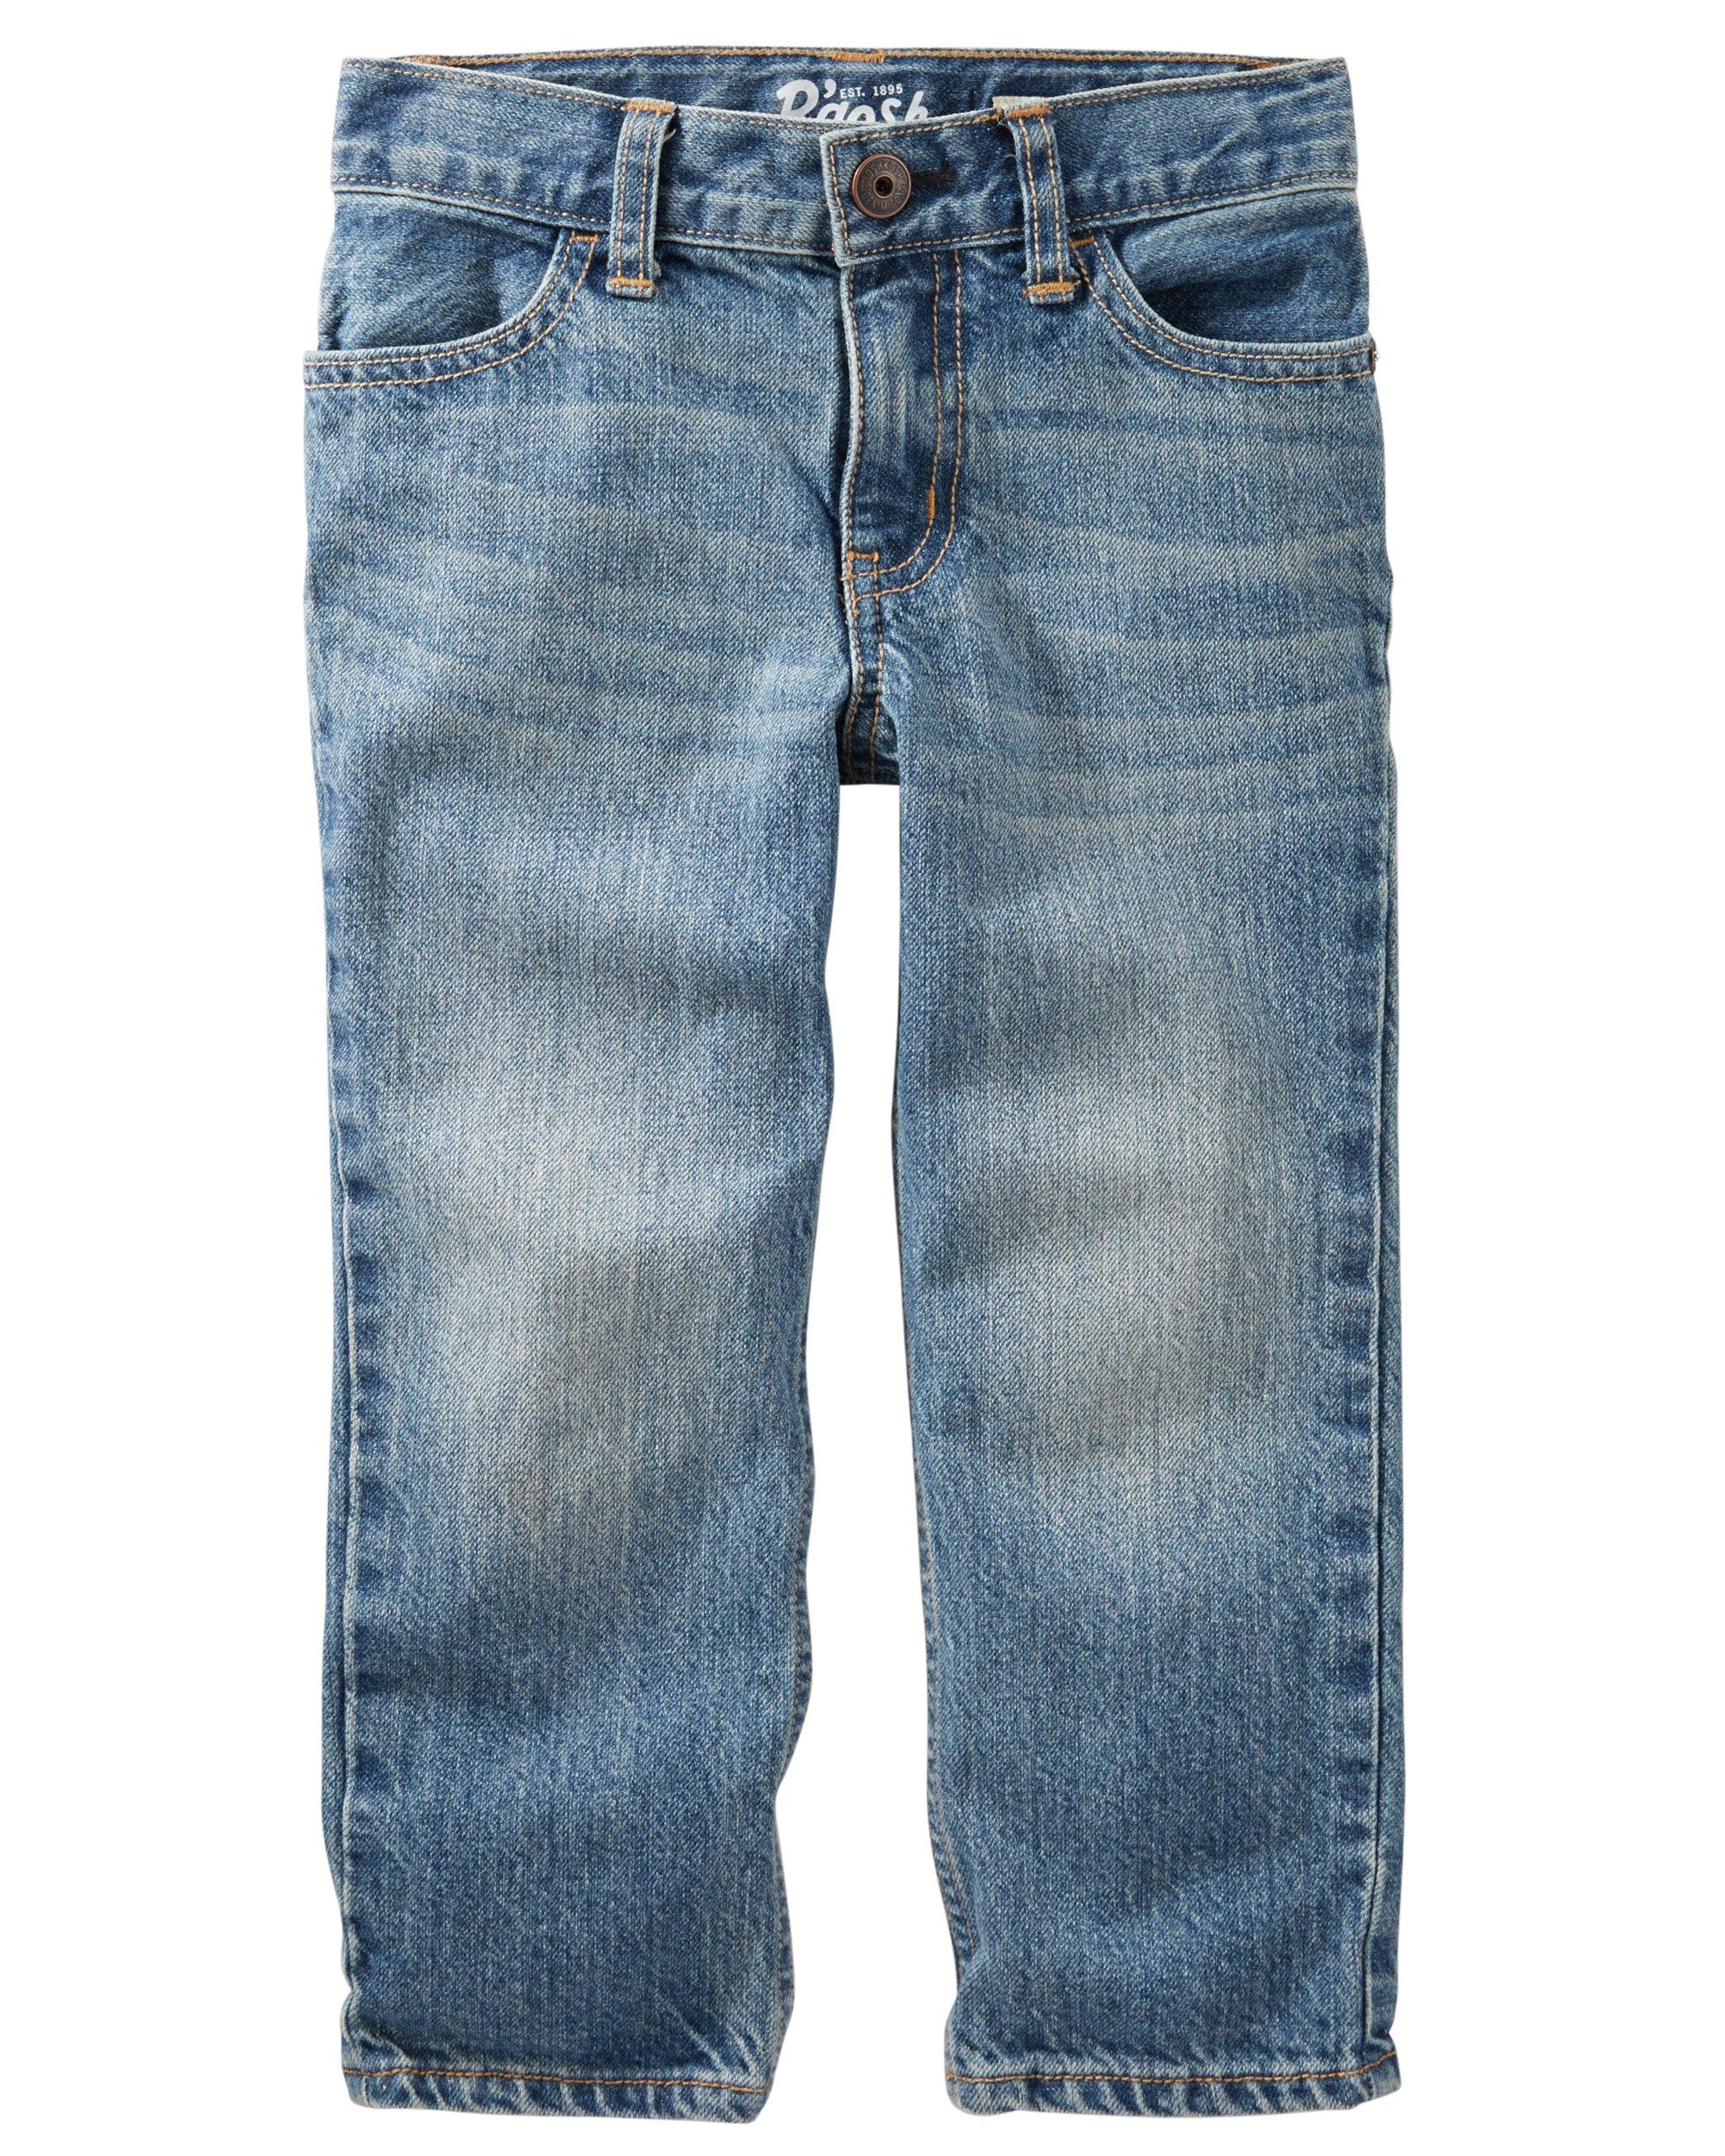 Osh Kosh Boys' Straight Jeans, Natural Indigo, 5T